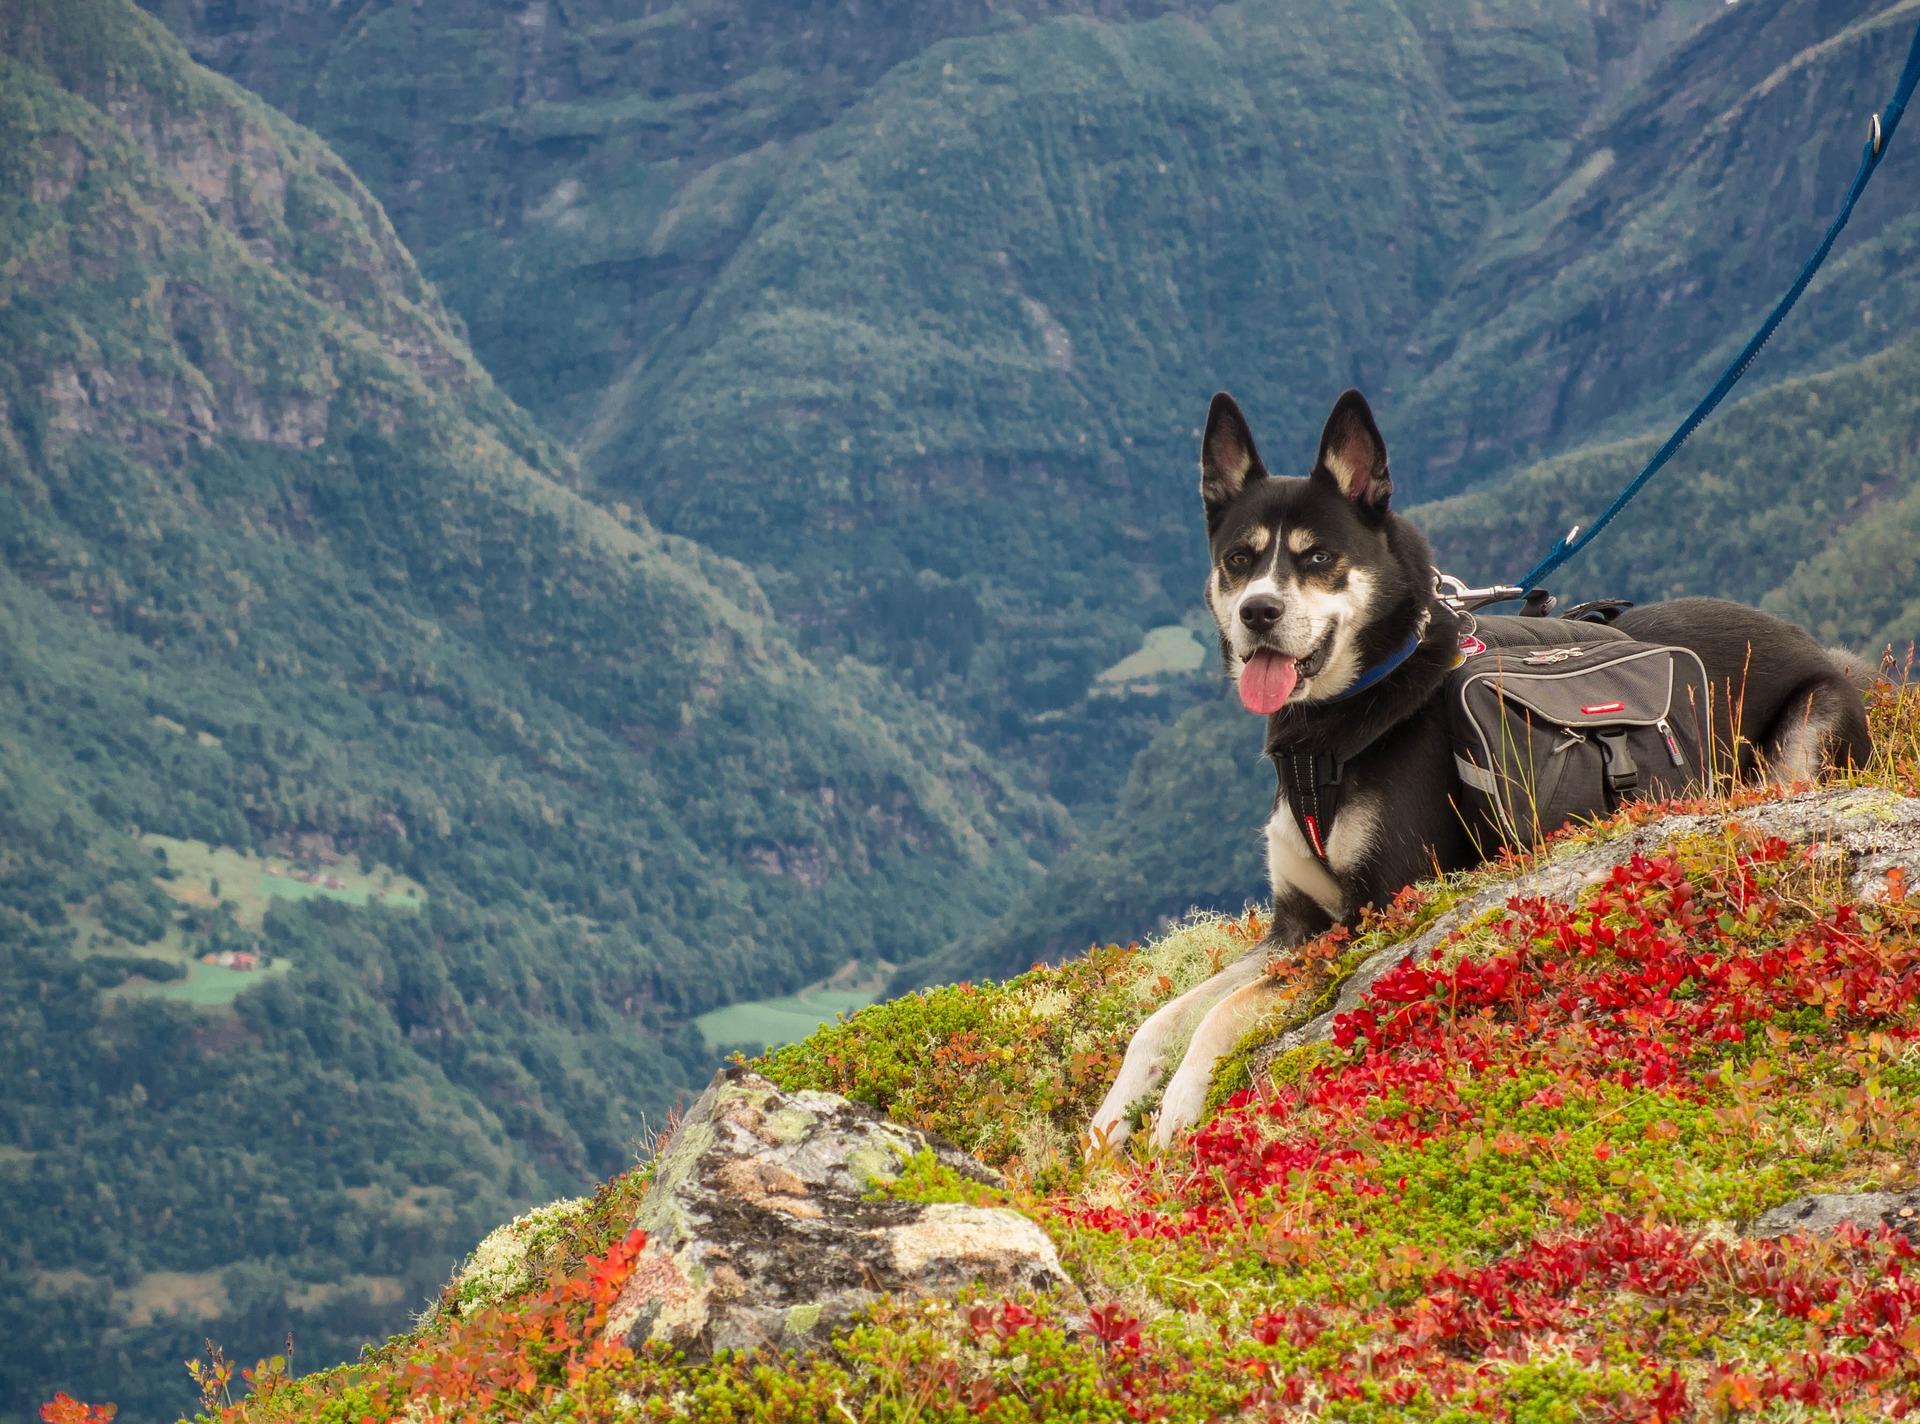 Psa trzeba także zabezpieczać przed pchłami i kleszczami zaleconym przez lekarza preparatem (np. kroplami typu spot-on czy specjalną obrożą).